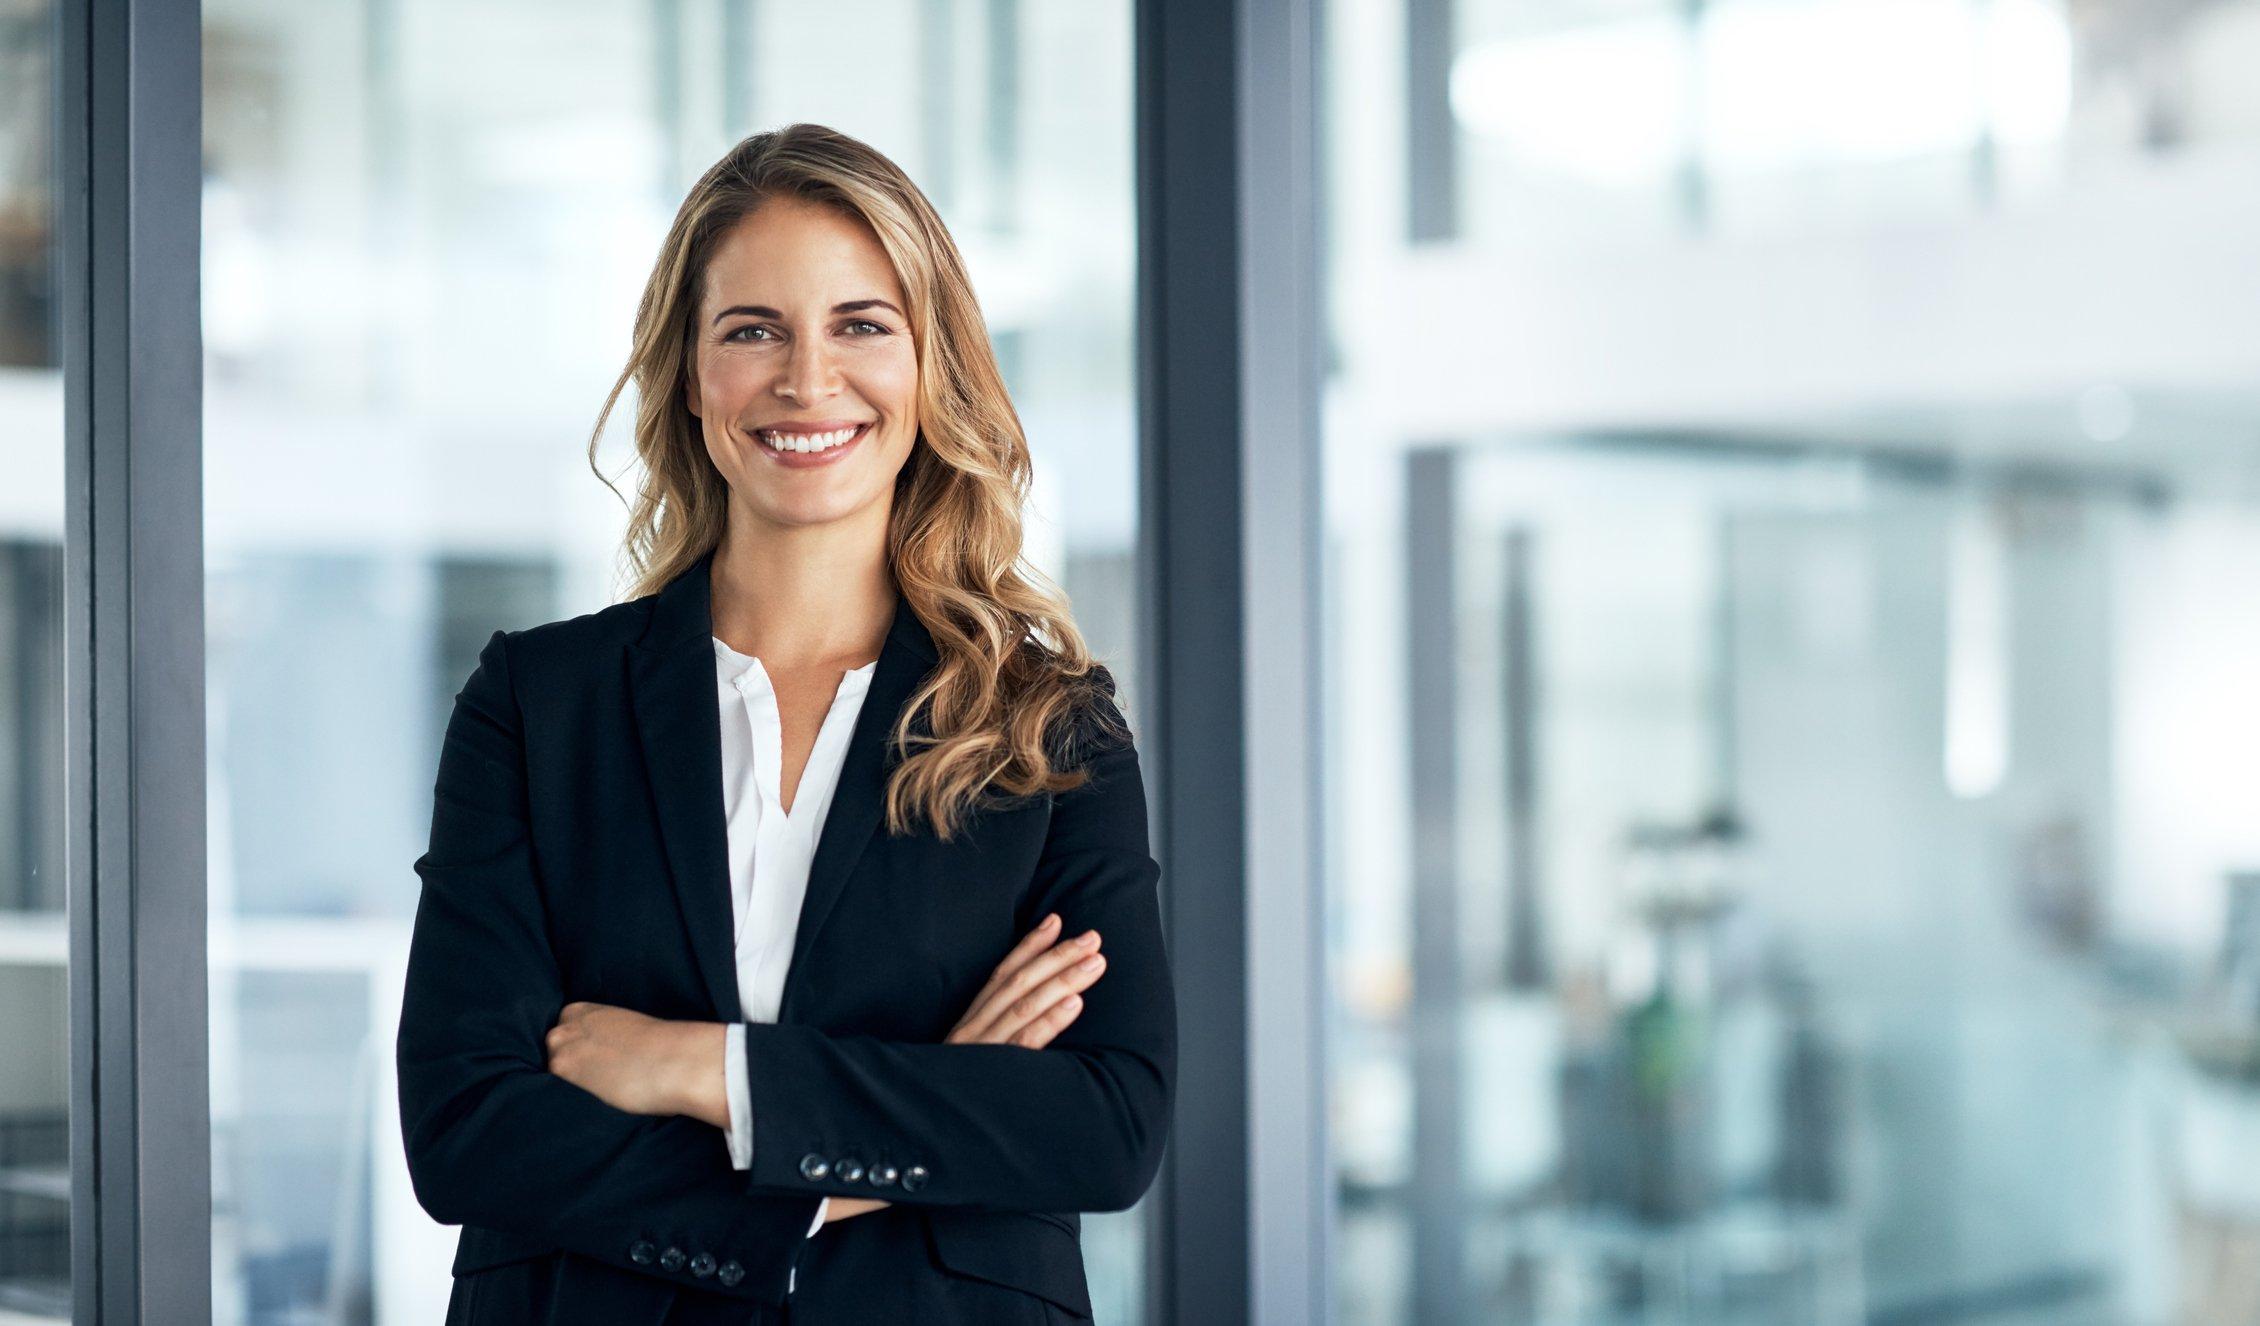 Vårt kontor i Örnsköldsvik söker ny franchisetagare